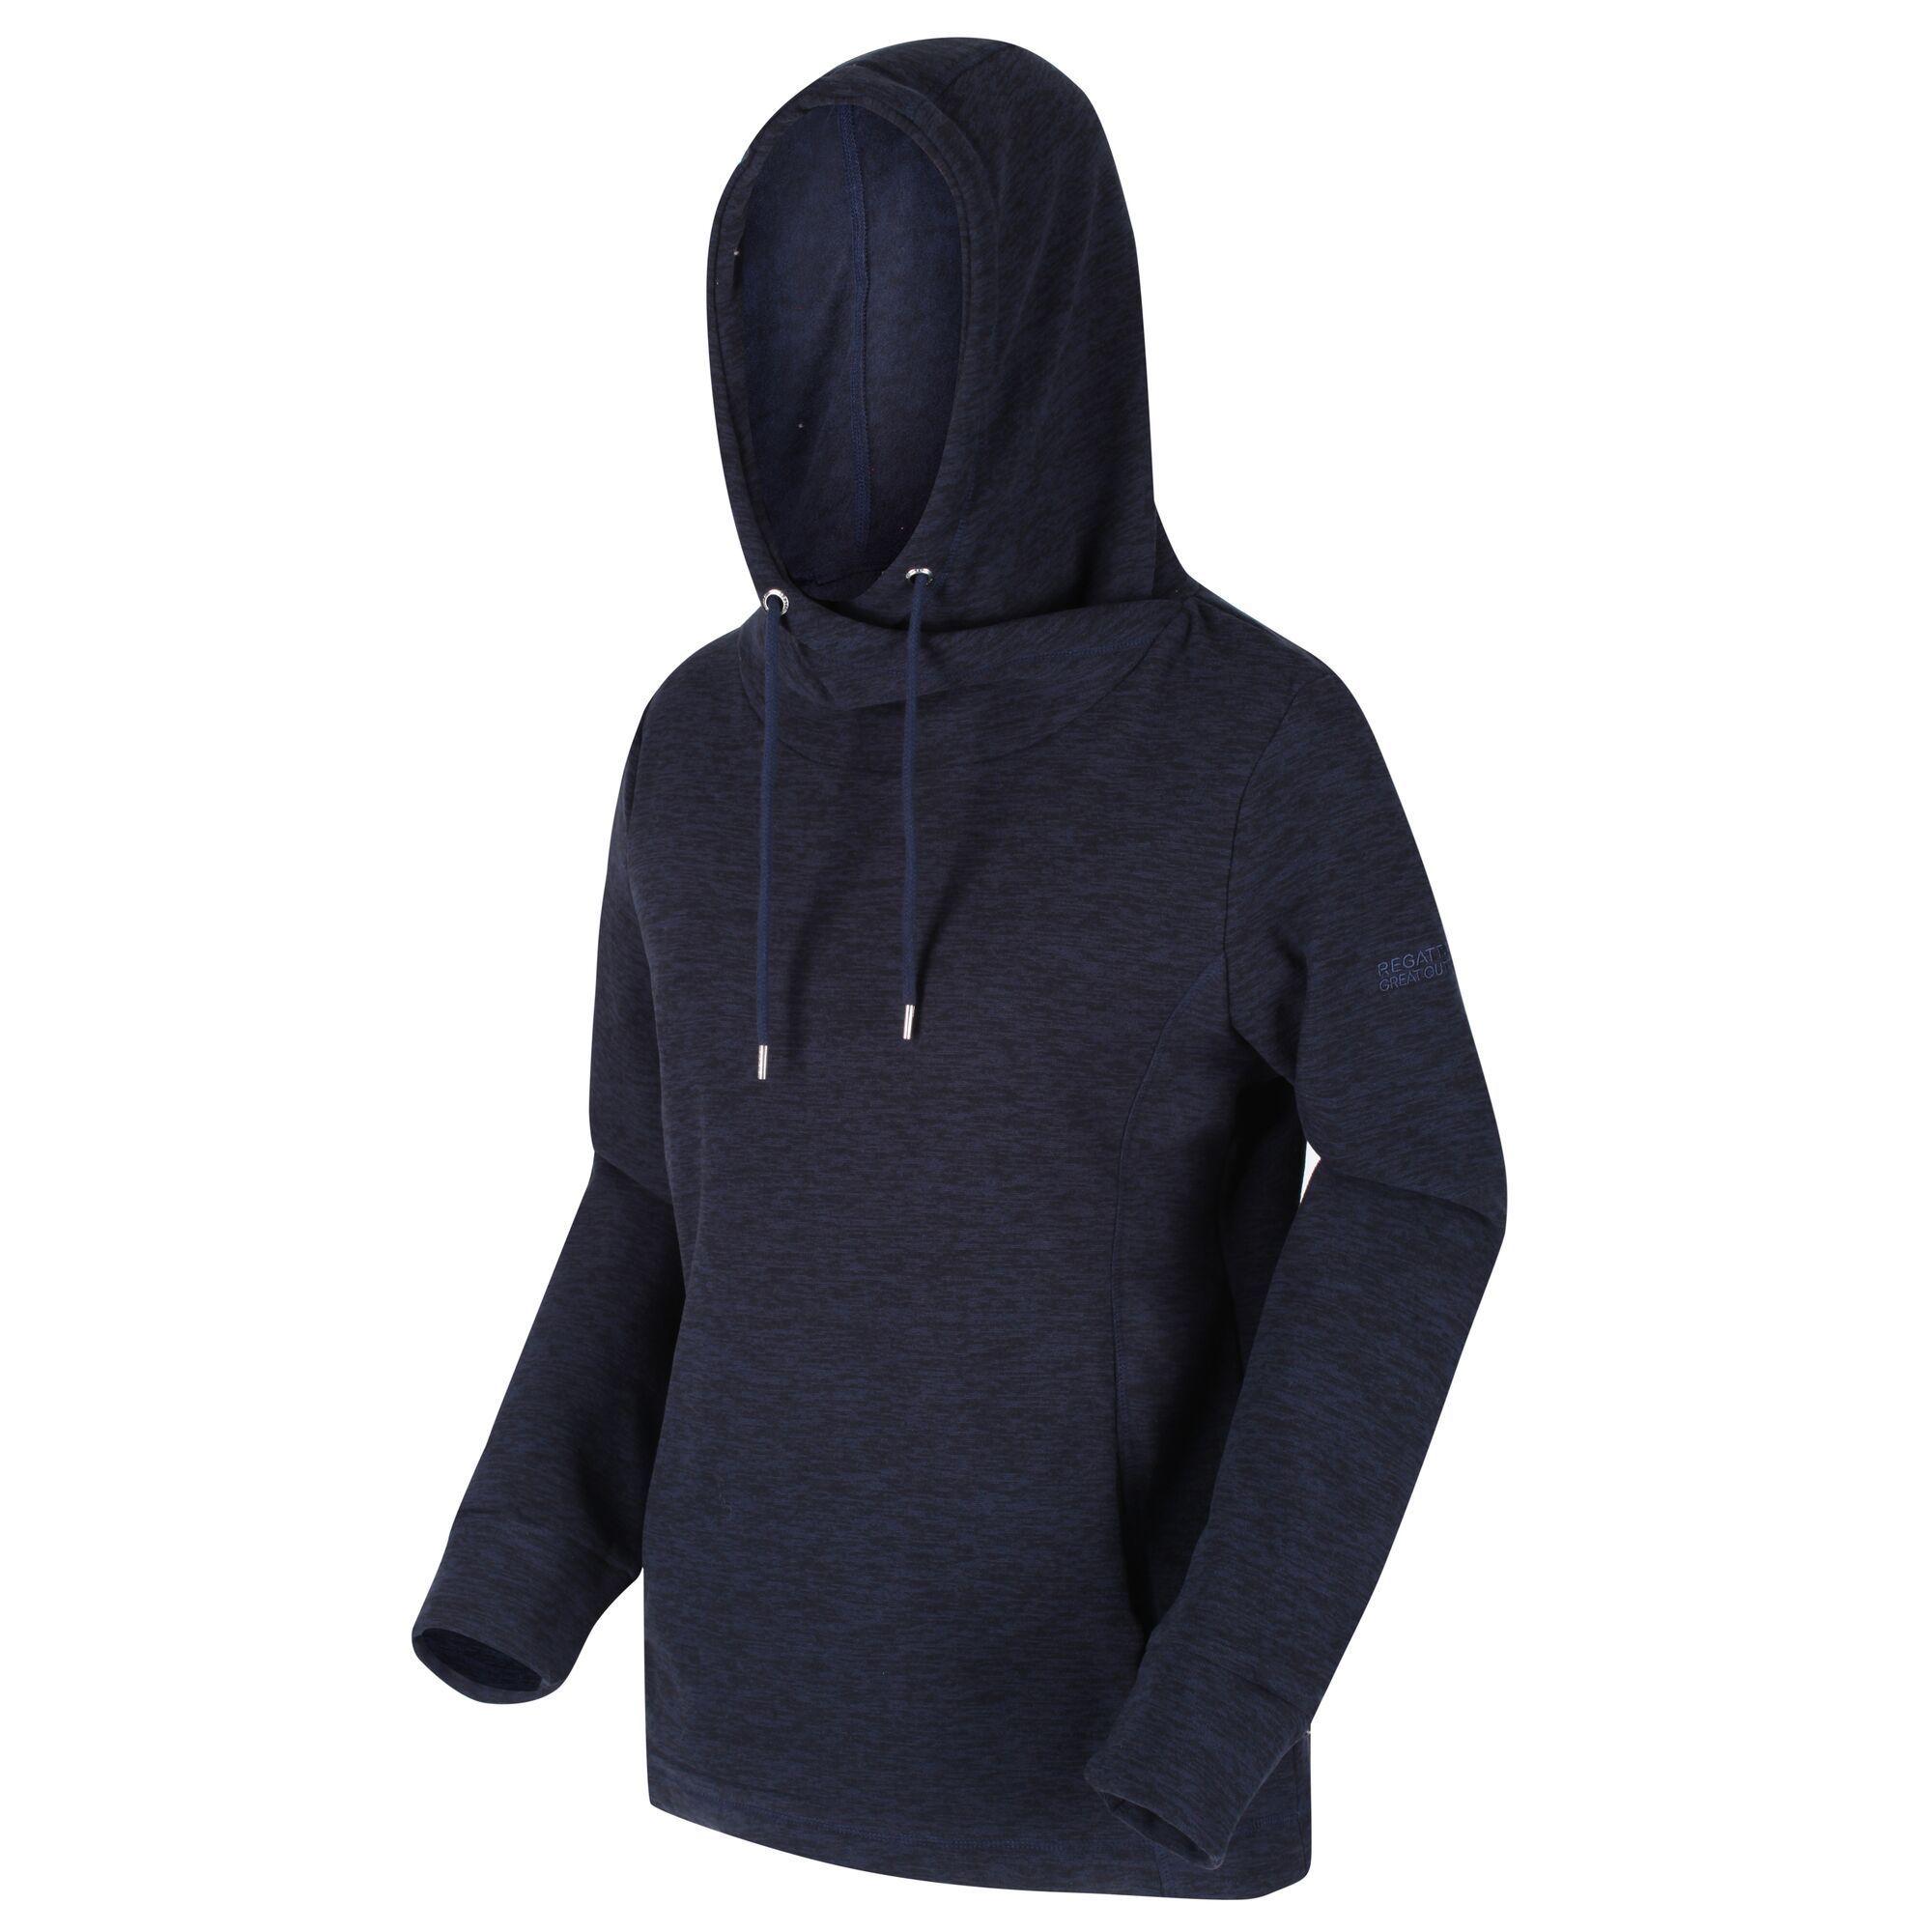 Regatta Womens/Ladies Kizmit II Fleece Top (Navy/Black)